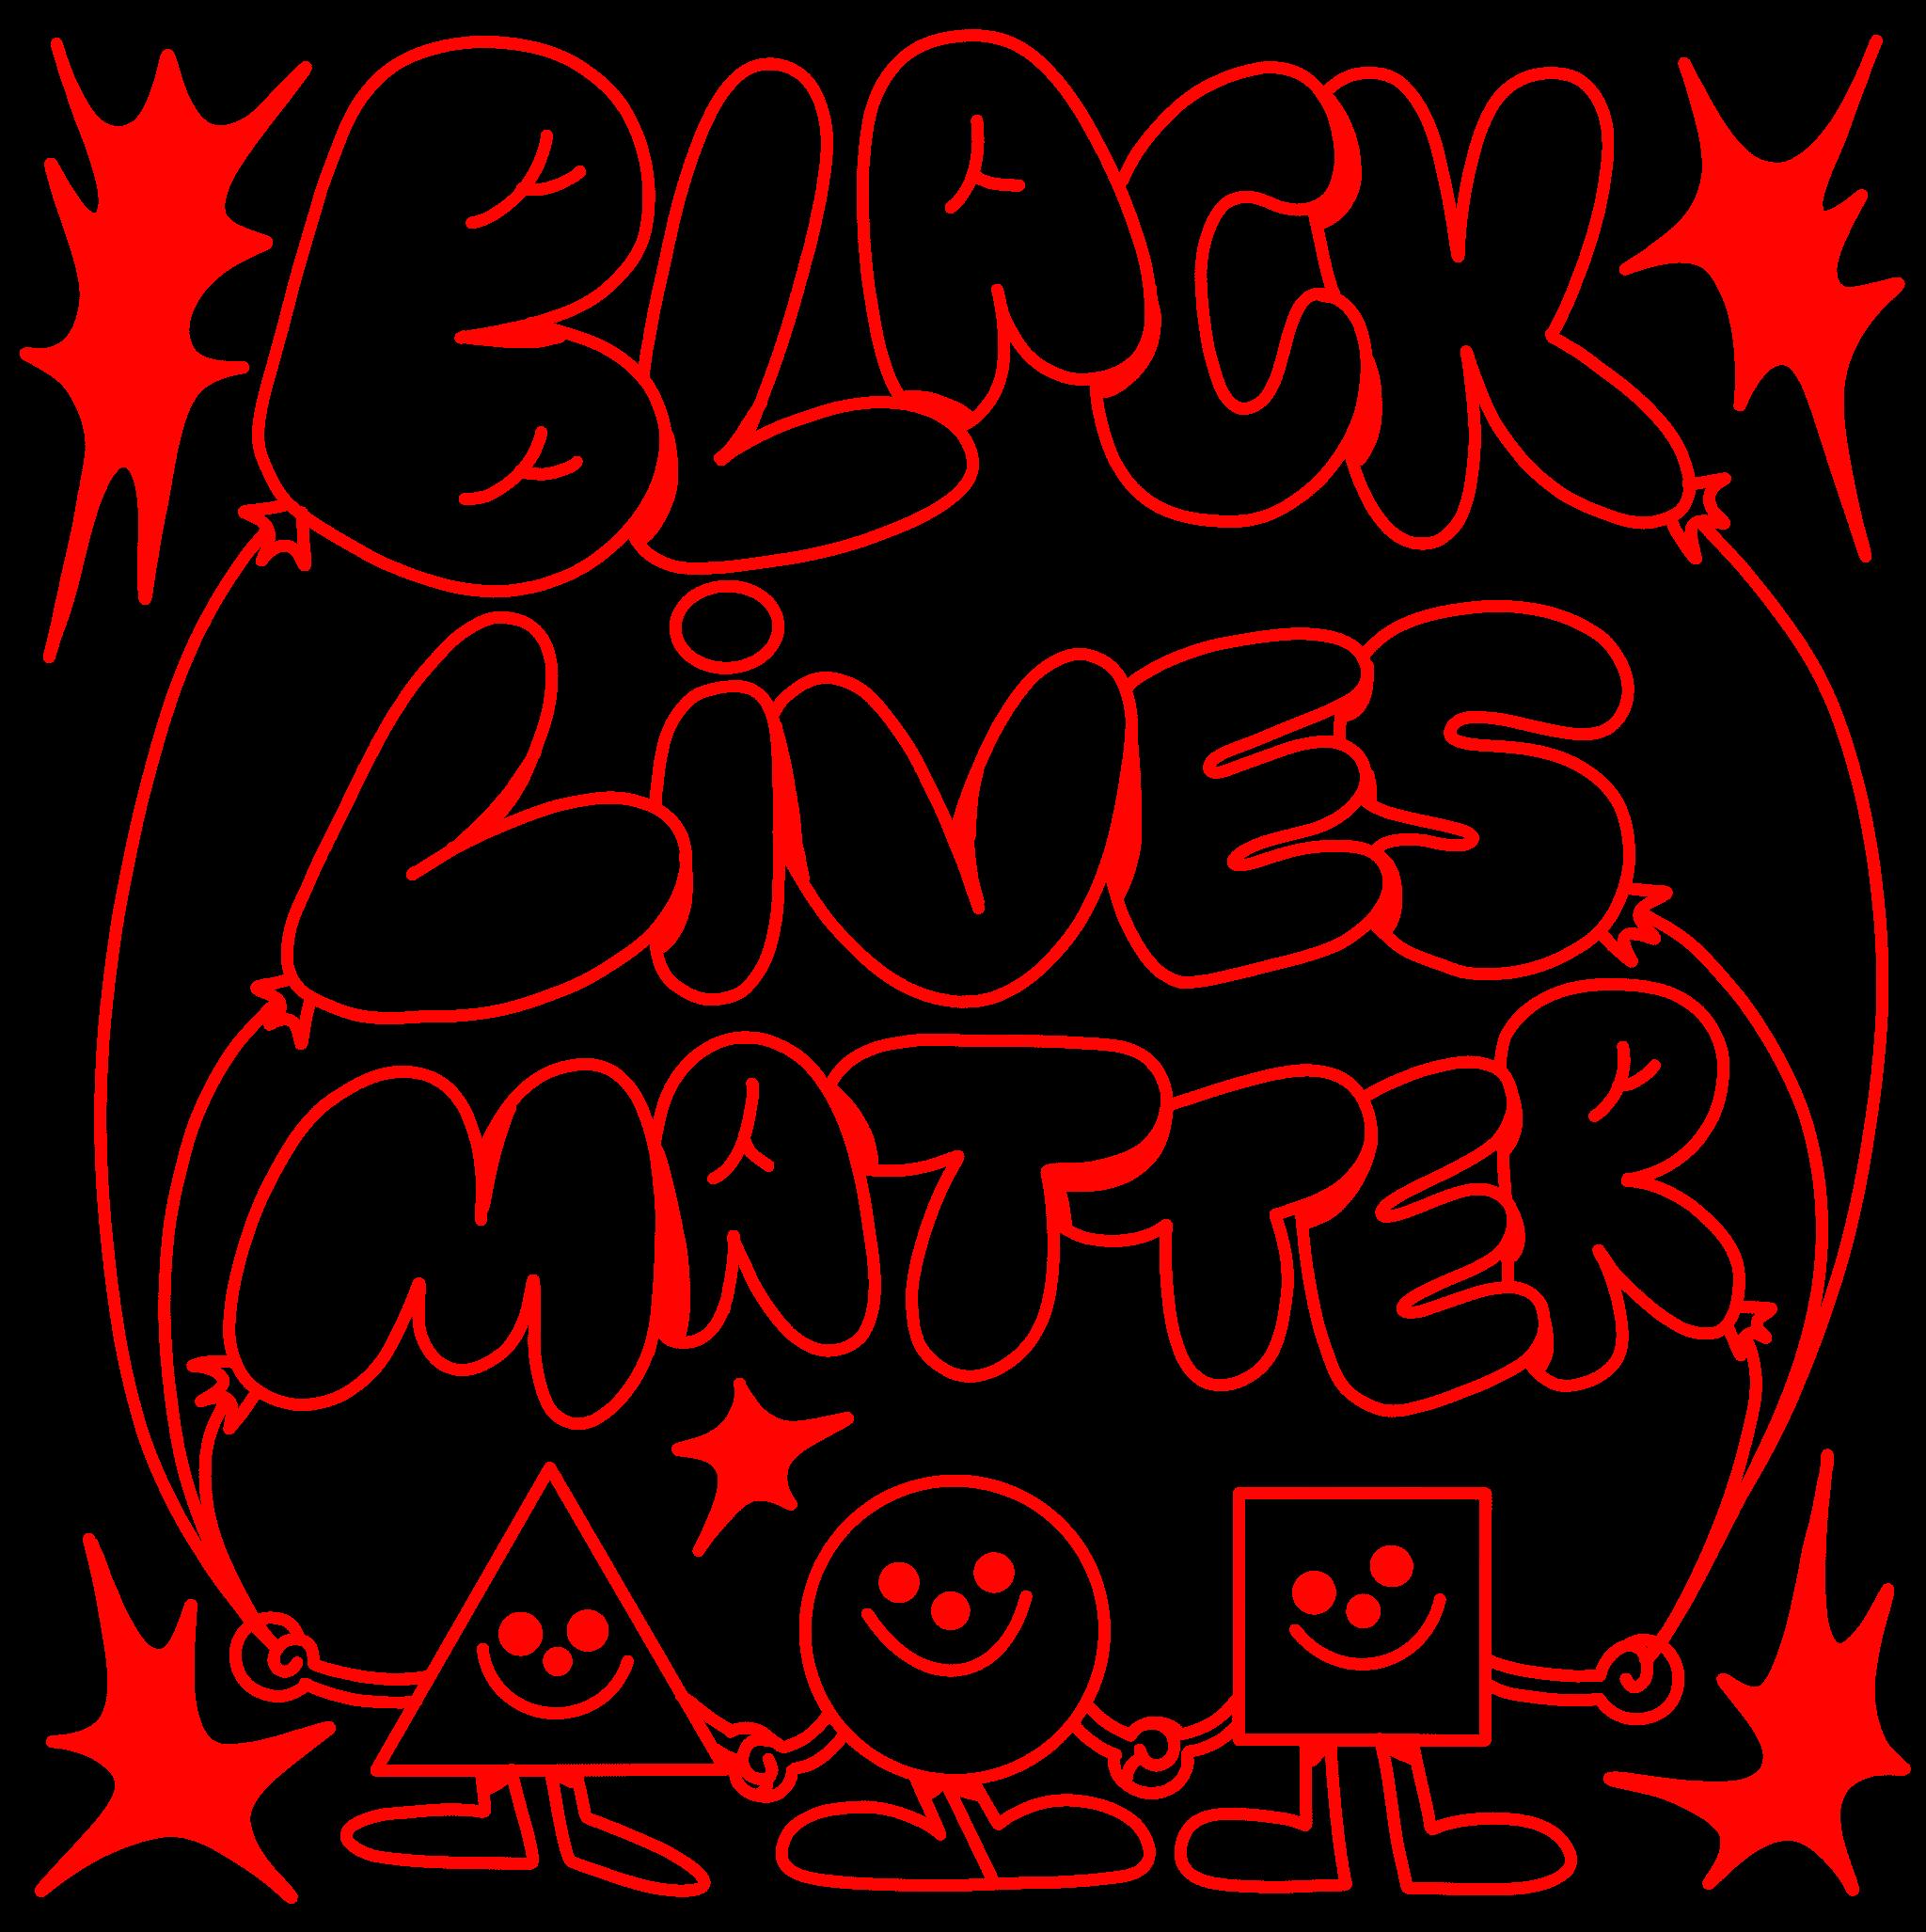 Black lives matter red